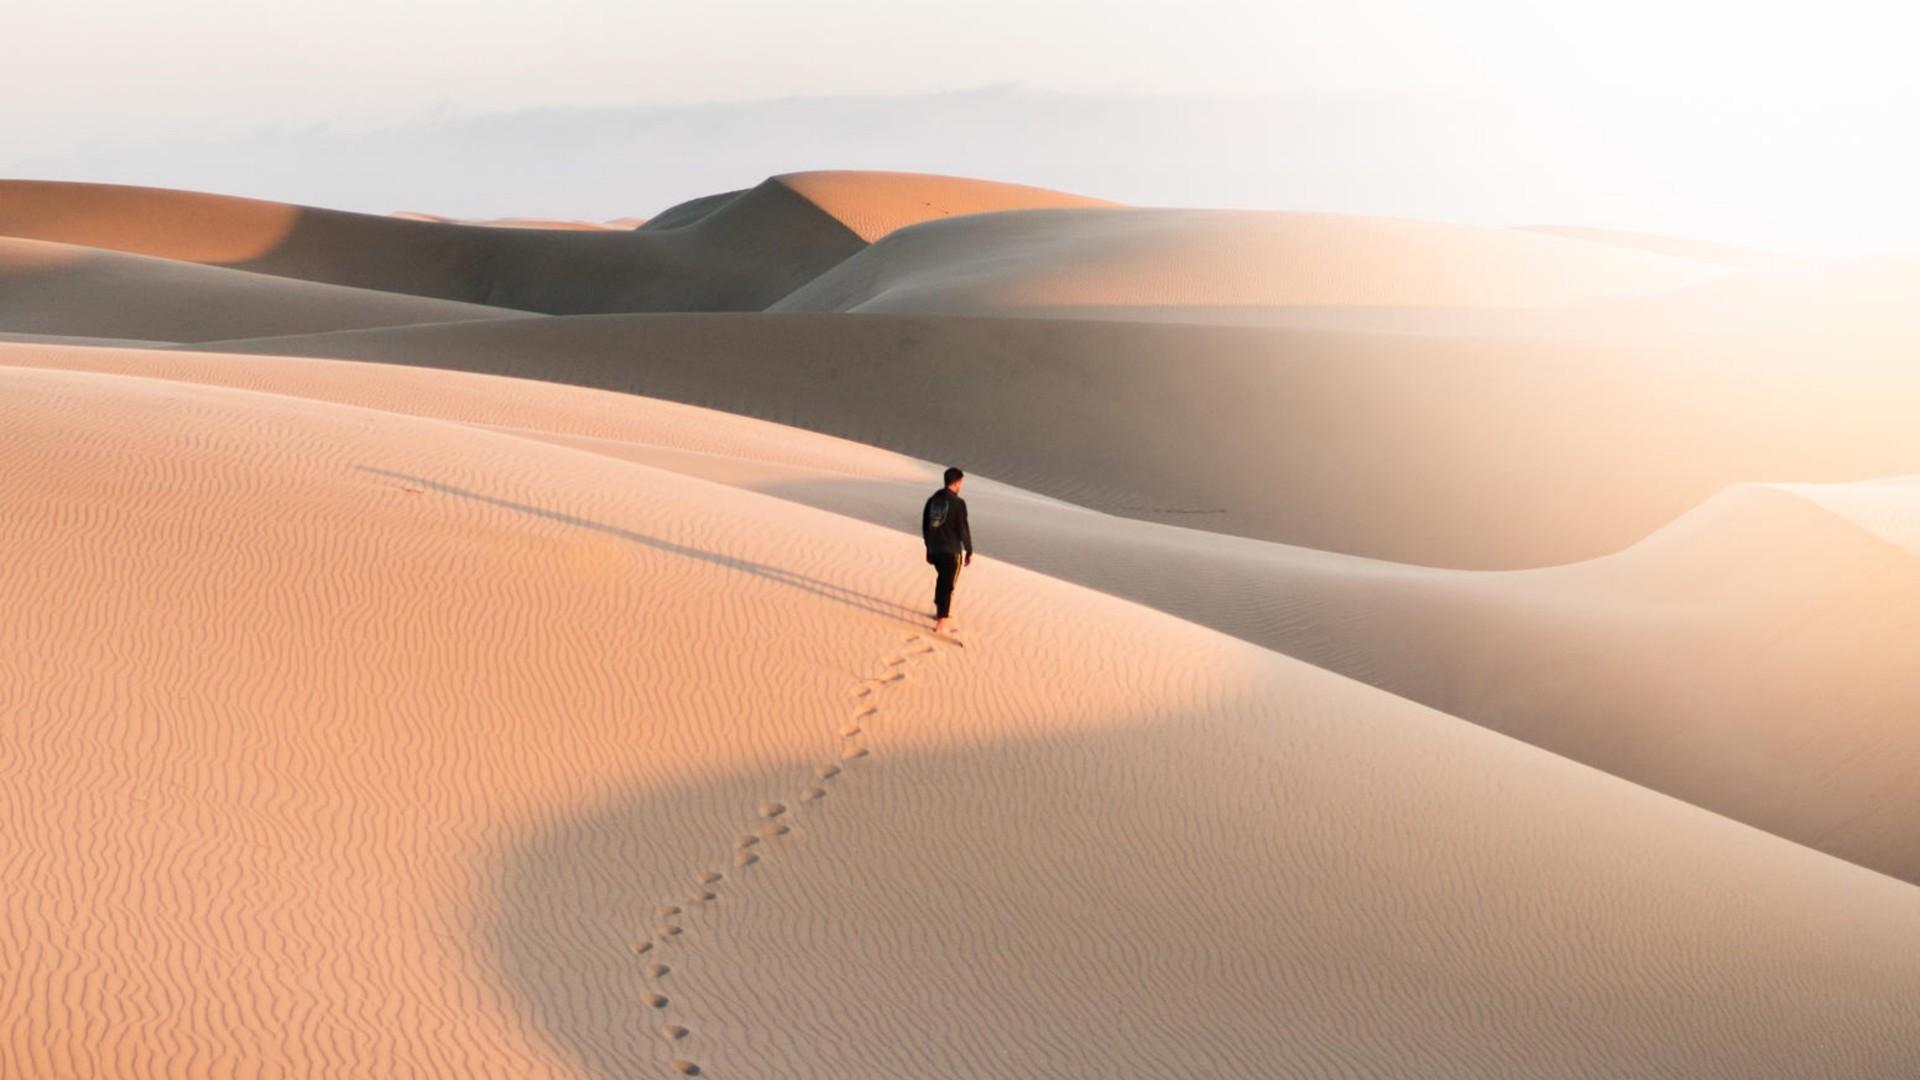 Alone in the desert wallpaper